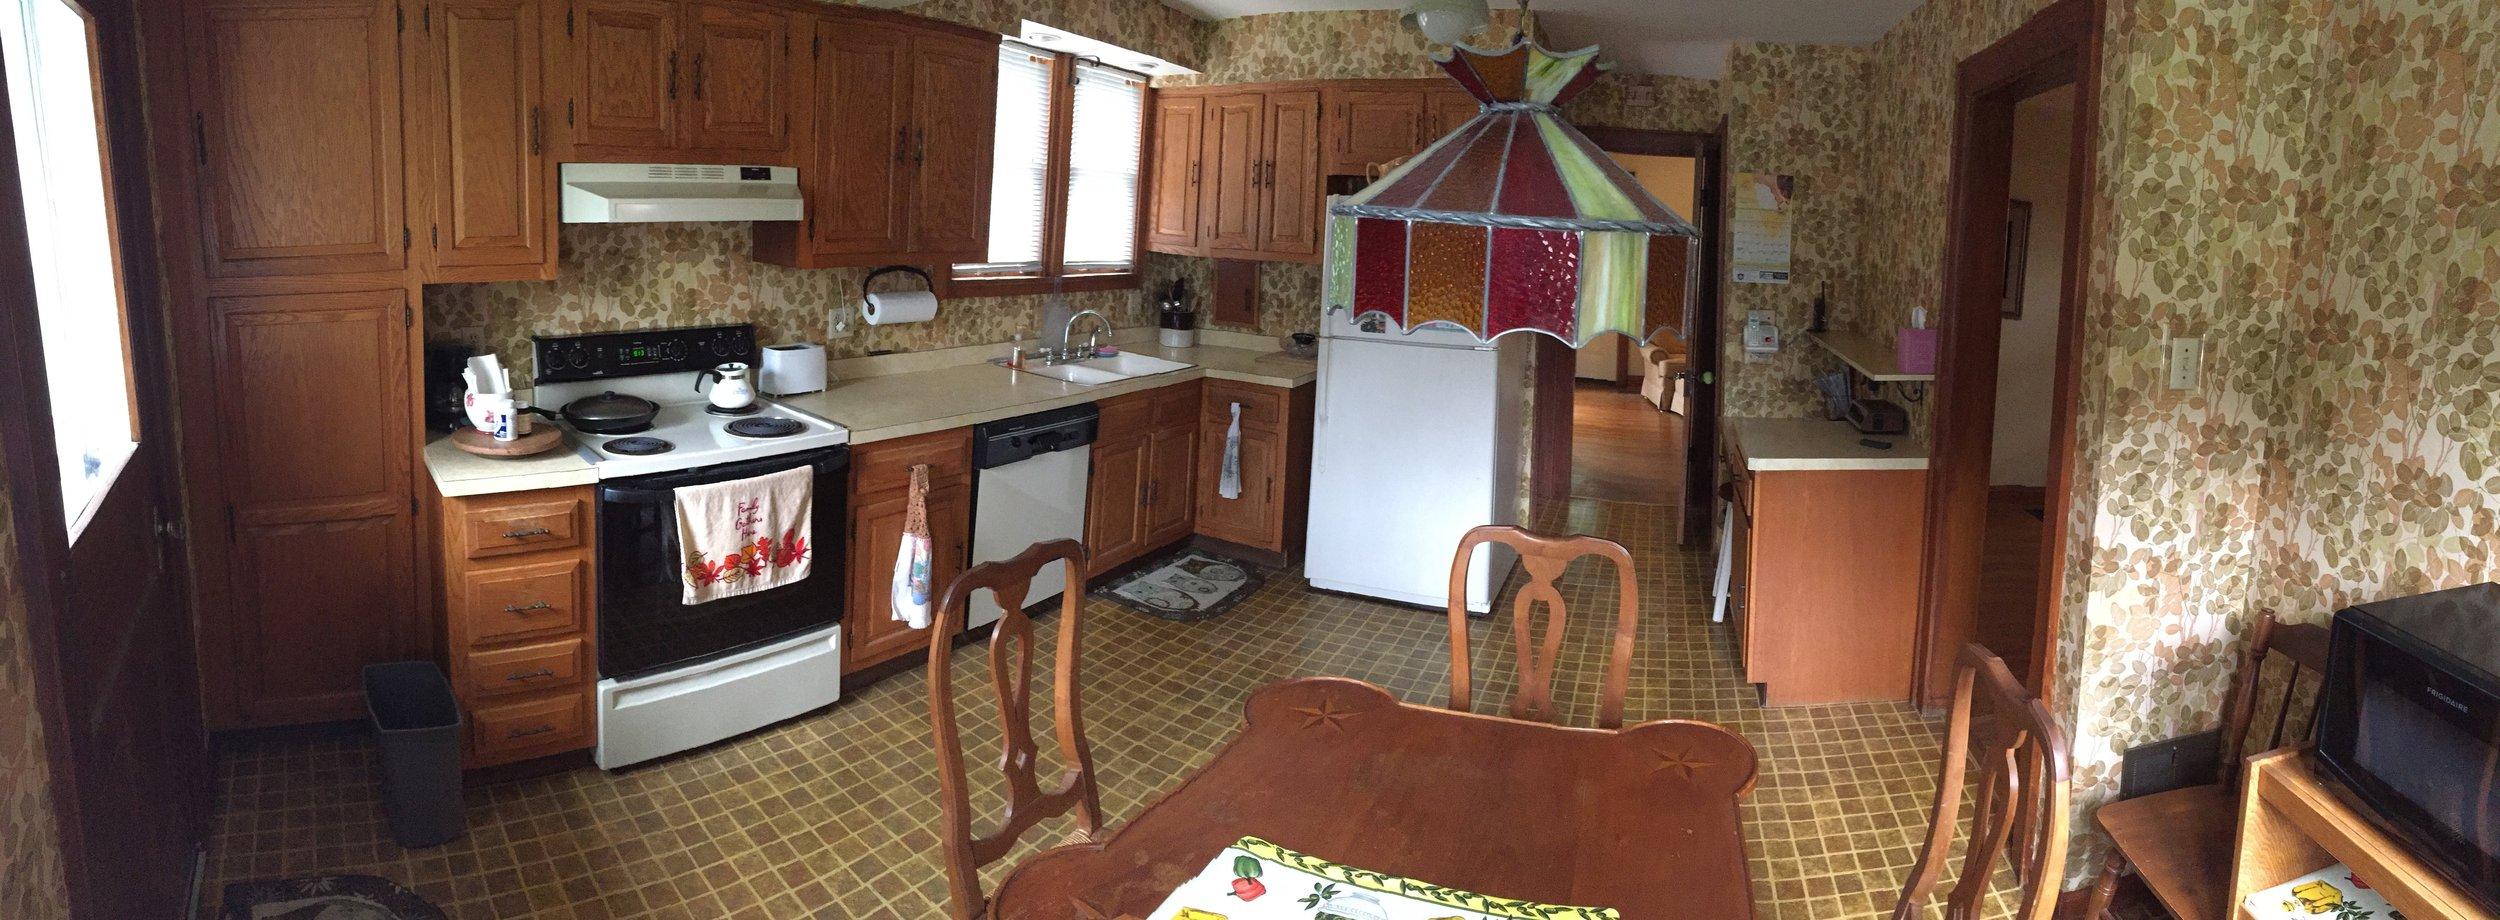 Exist Kitchen 1.jpg